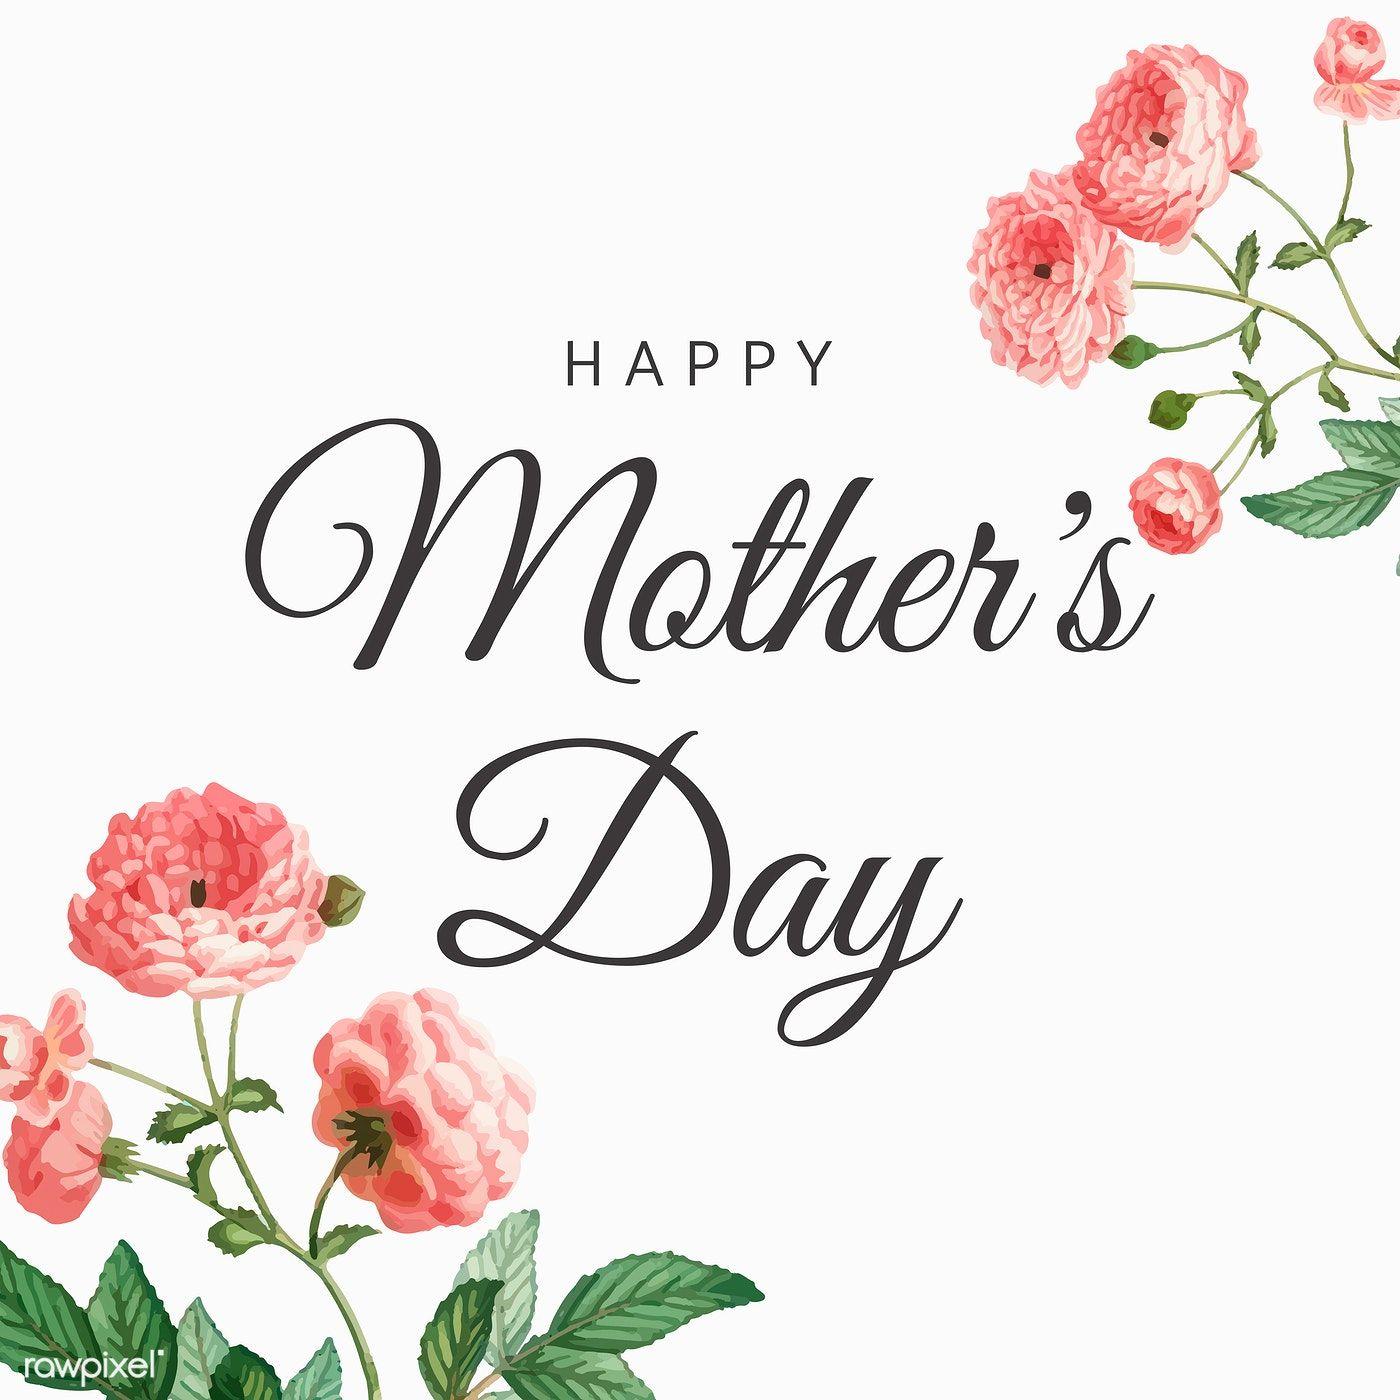 Download Premium Vector Of Happy Mother S Day Card Vector 846011 Happy Mother S Day Card Happy Mother S Day Calligraphy Happy Mothers Day